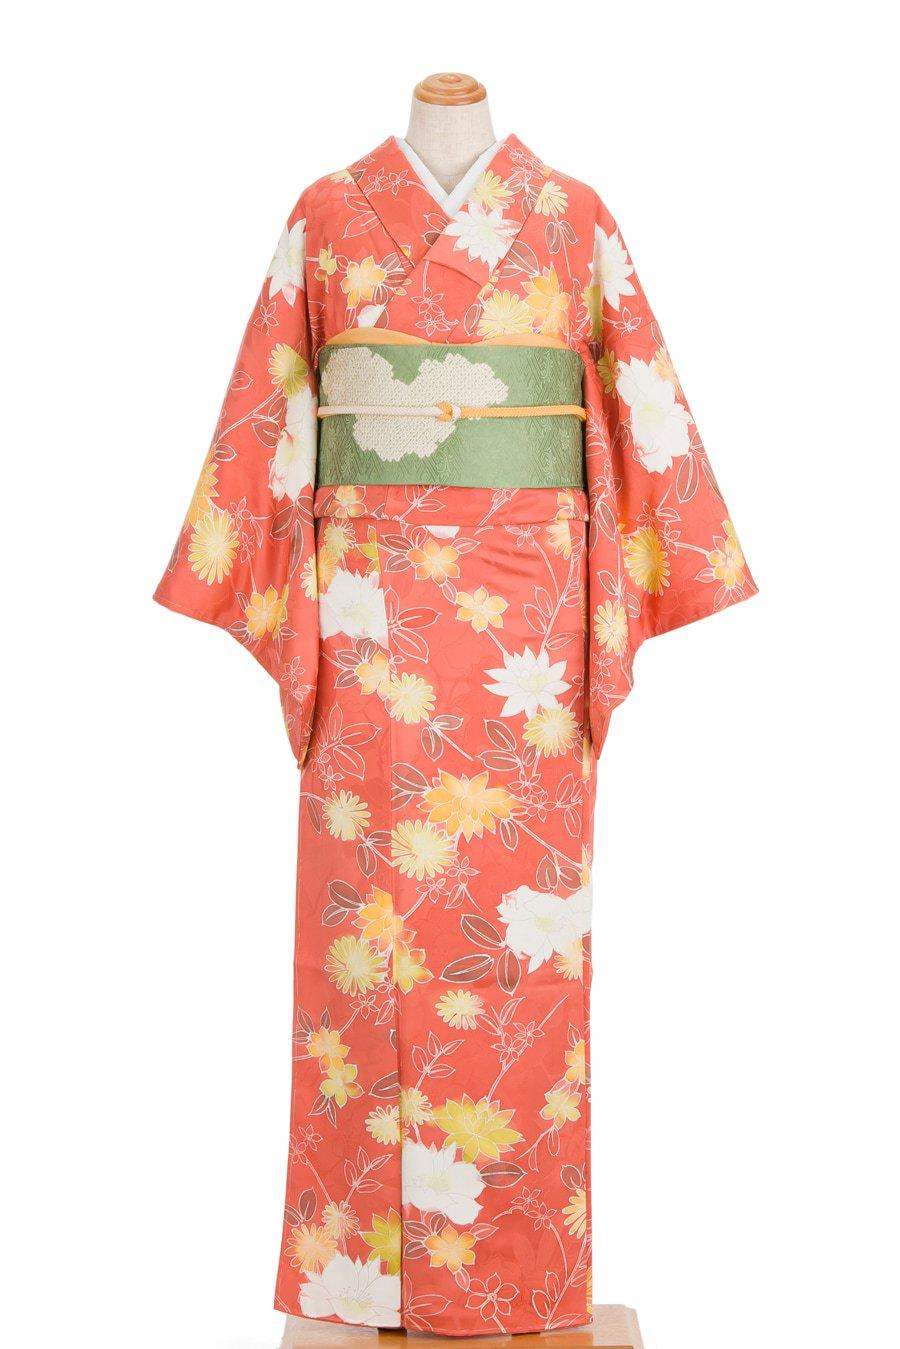 「サーモンピンク 地紋起こしの菊」の商品画像